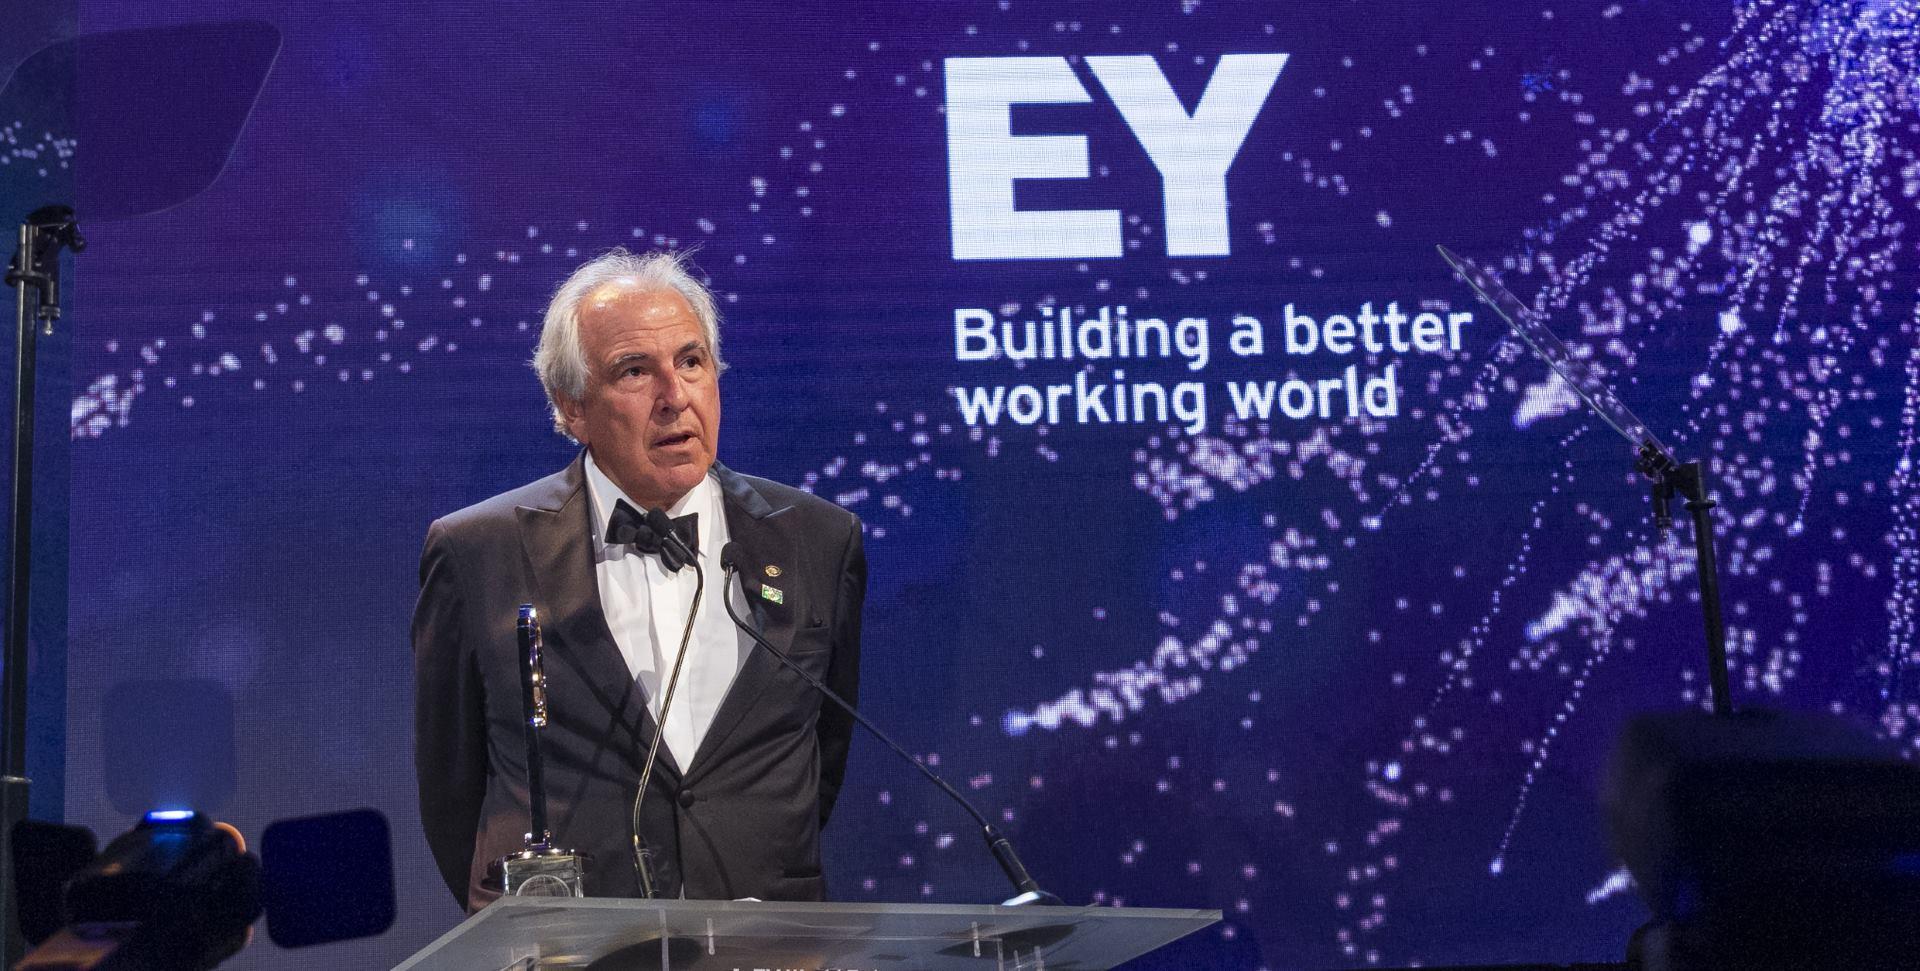 Novi EY Svjetski poduzetnik godine je Rubens Menin